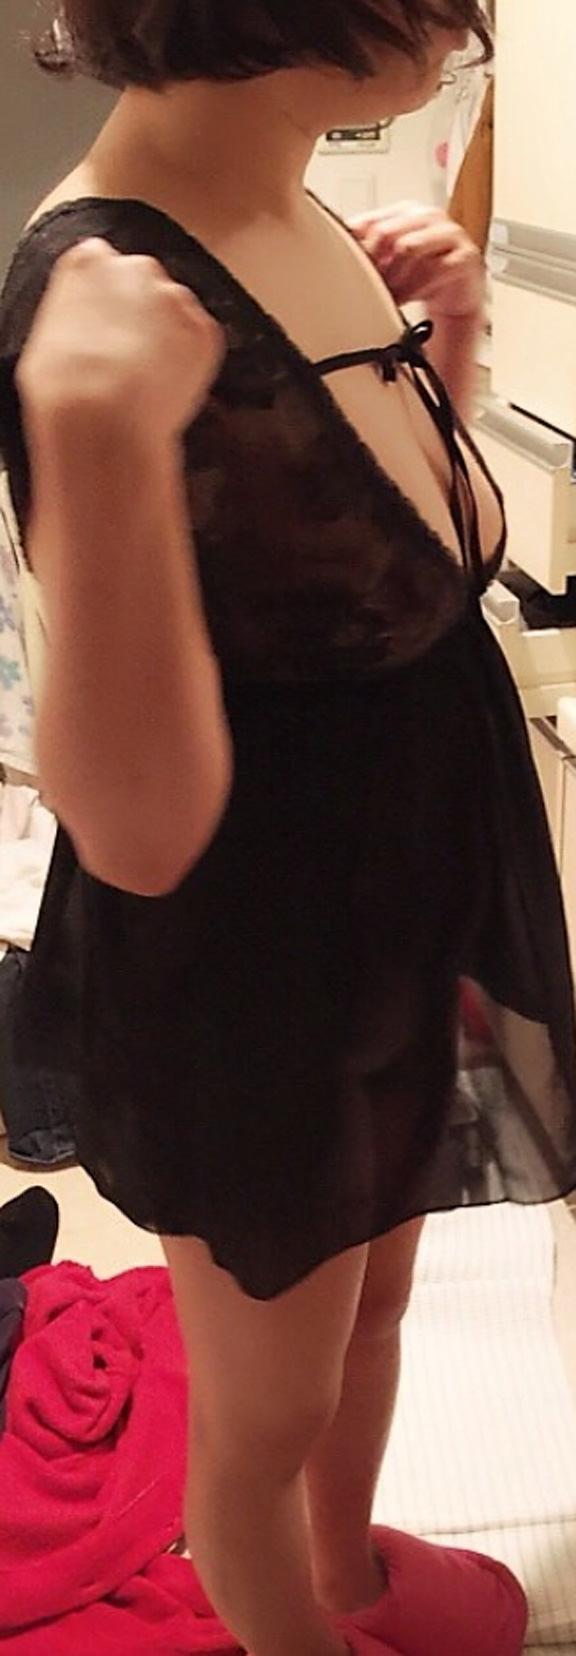 熟女のスケスケな下着に黒い乳首が透けてるエロ画像 0729